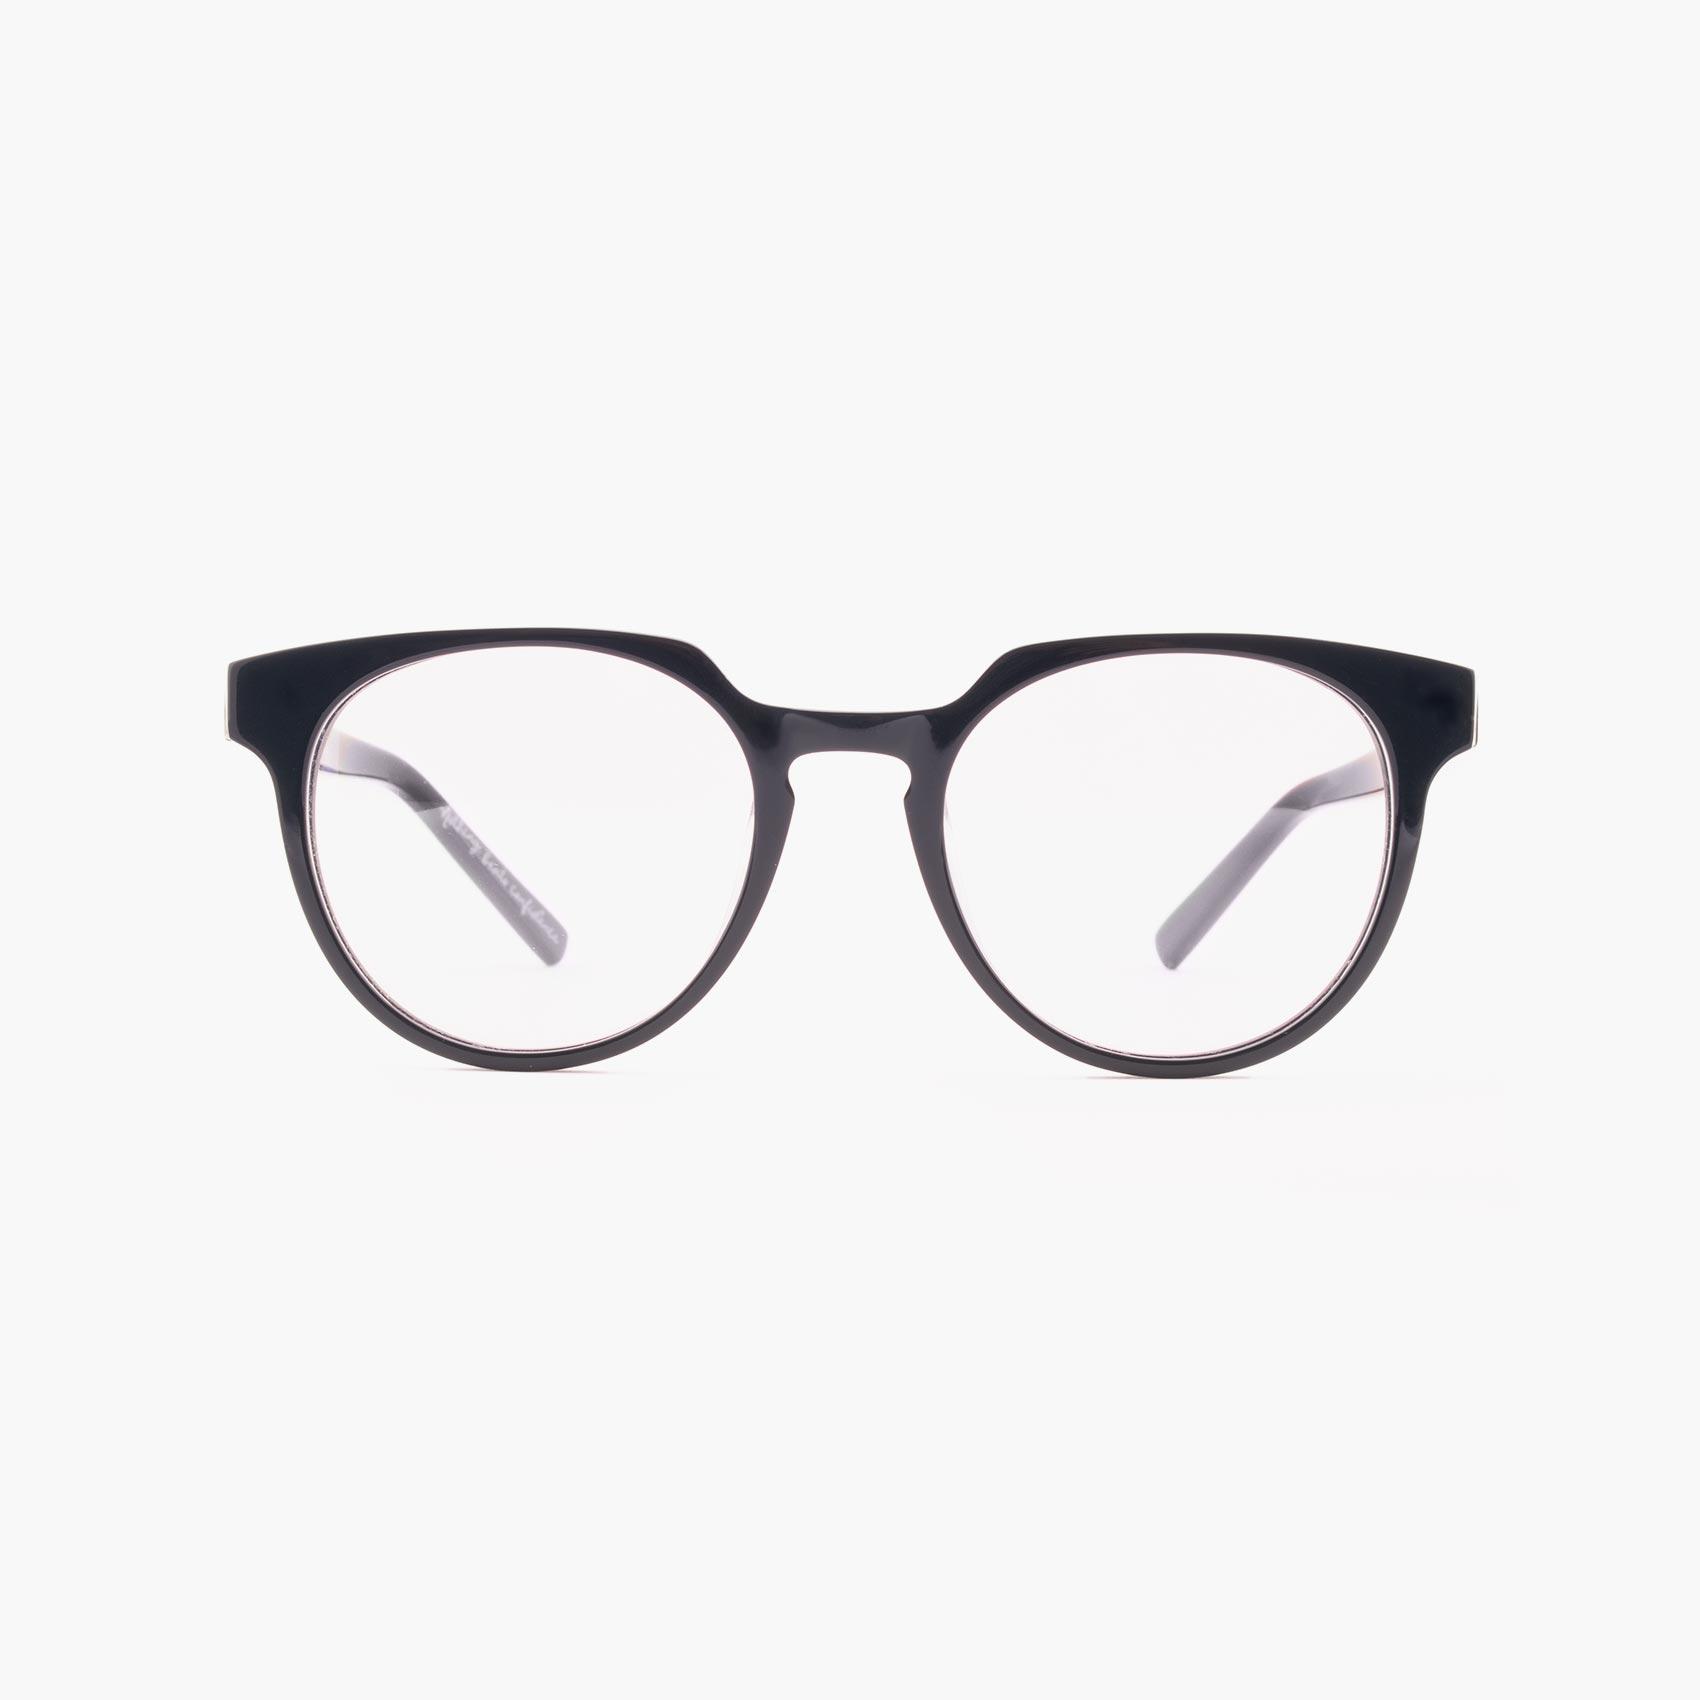 Benigni gafas graduadas modernas en azul oscuro